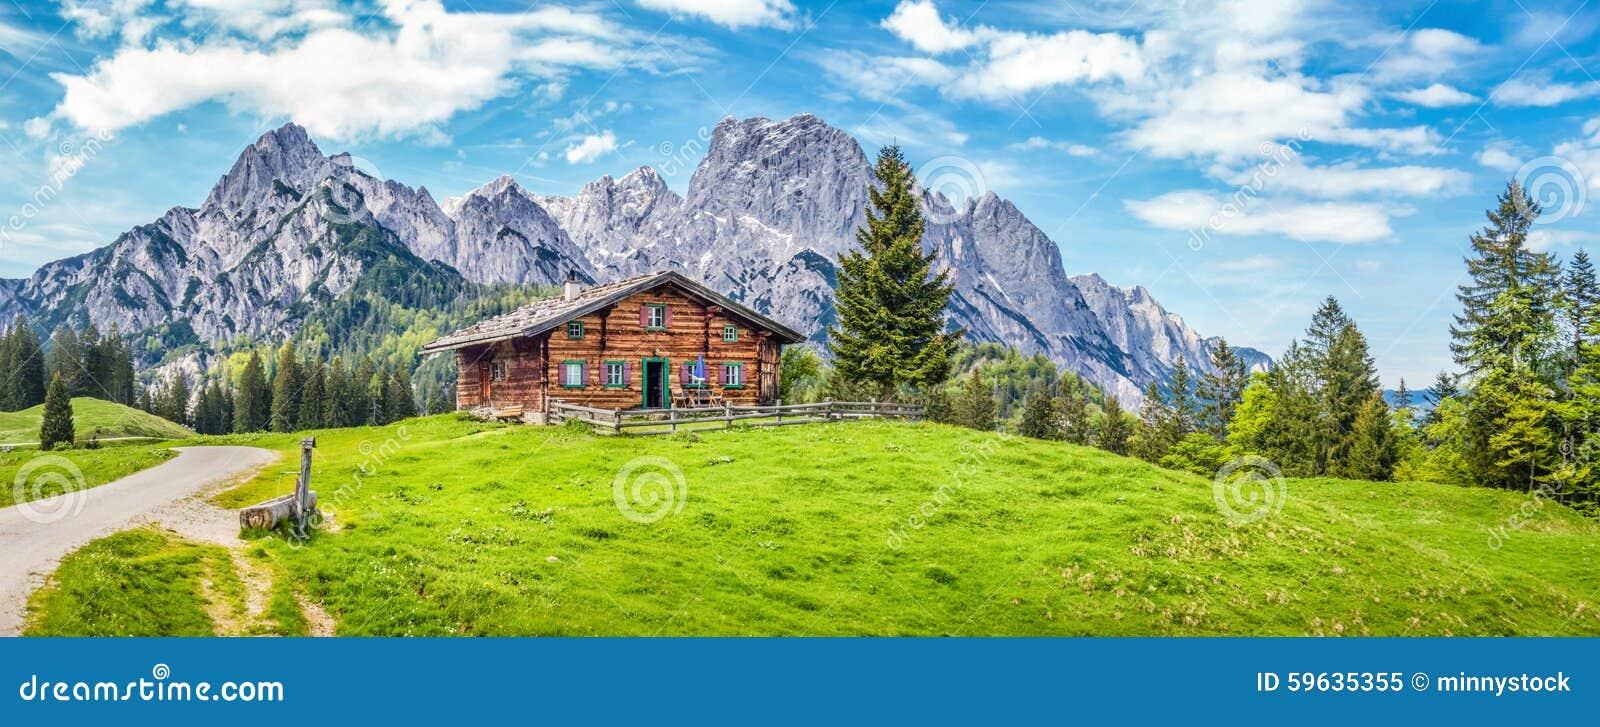 paysage idyllique dans les alpes avec le chalet de montagne image stock image du herbe. Black Bedroom Furniture Sets. Home Design Ideas